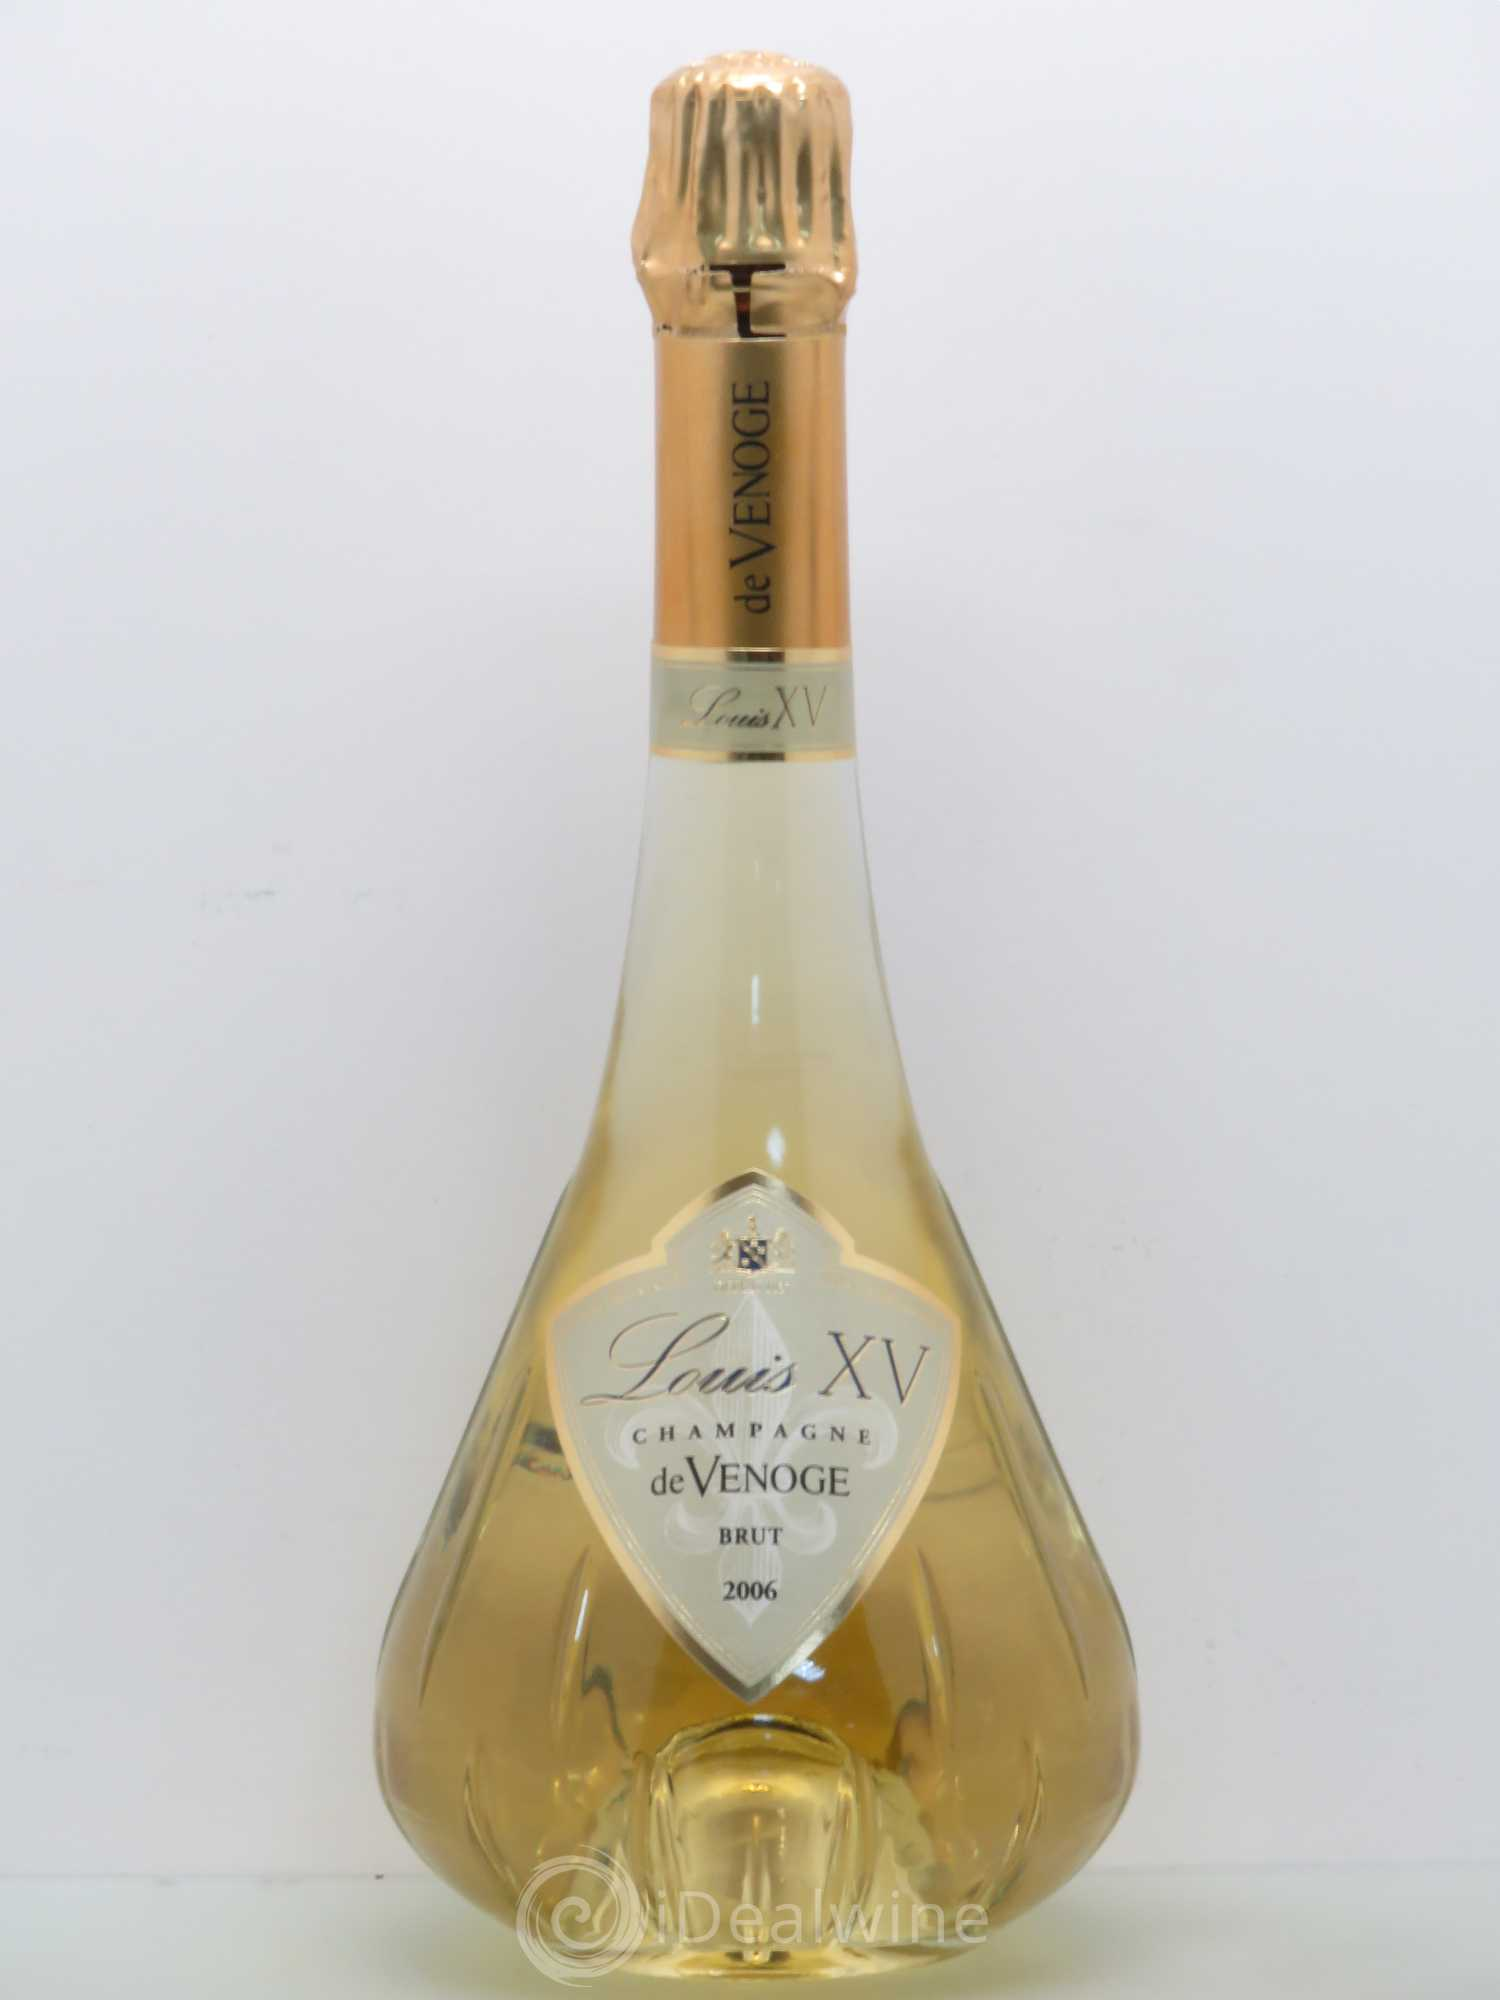 Buy Brut Champagne De Venoge Cuvée Louis XV 2006 (lot: 1636)